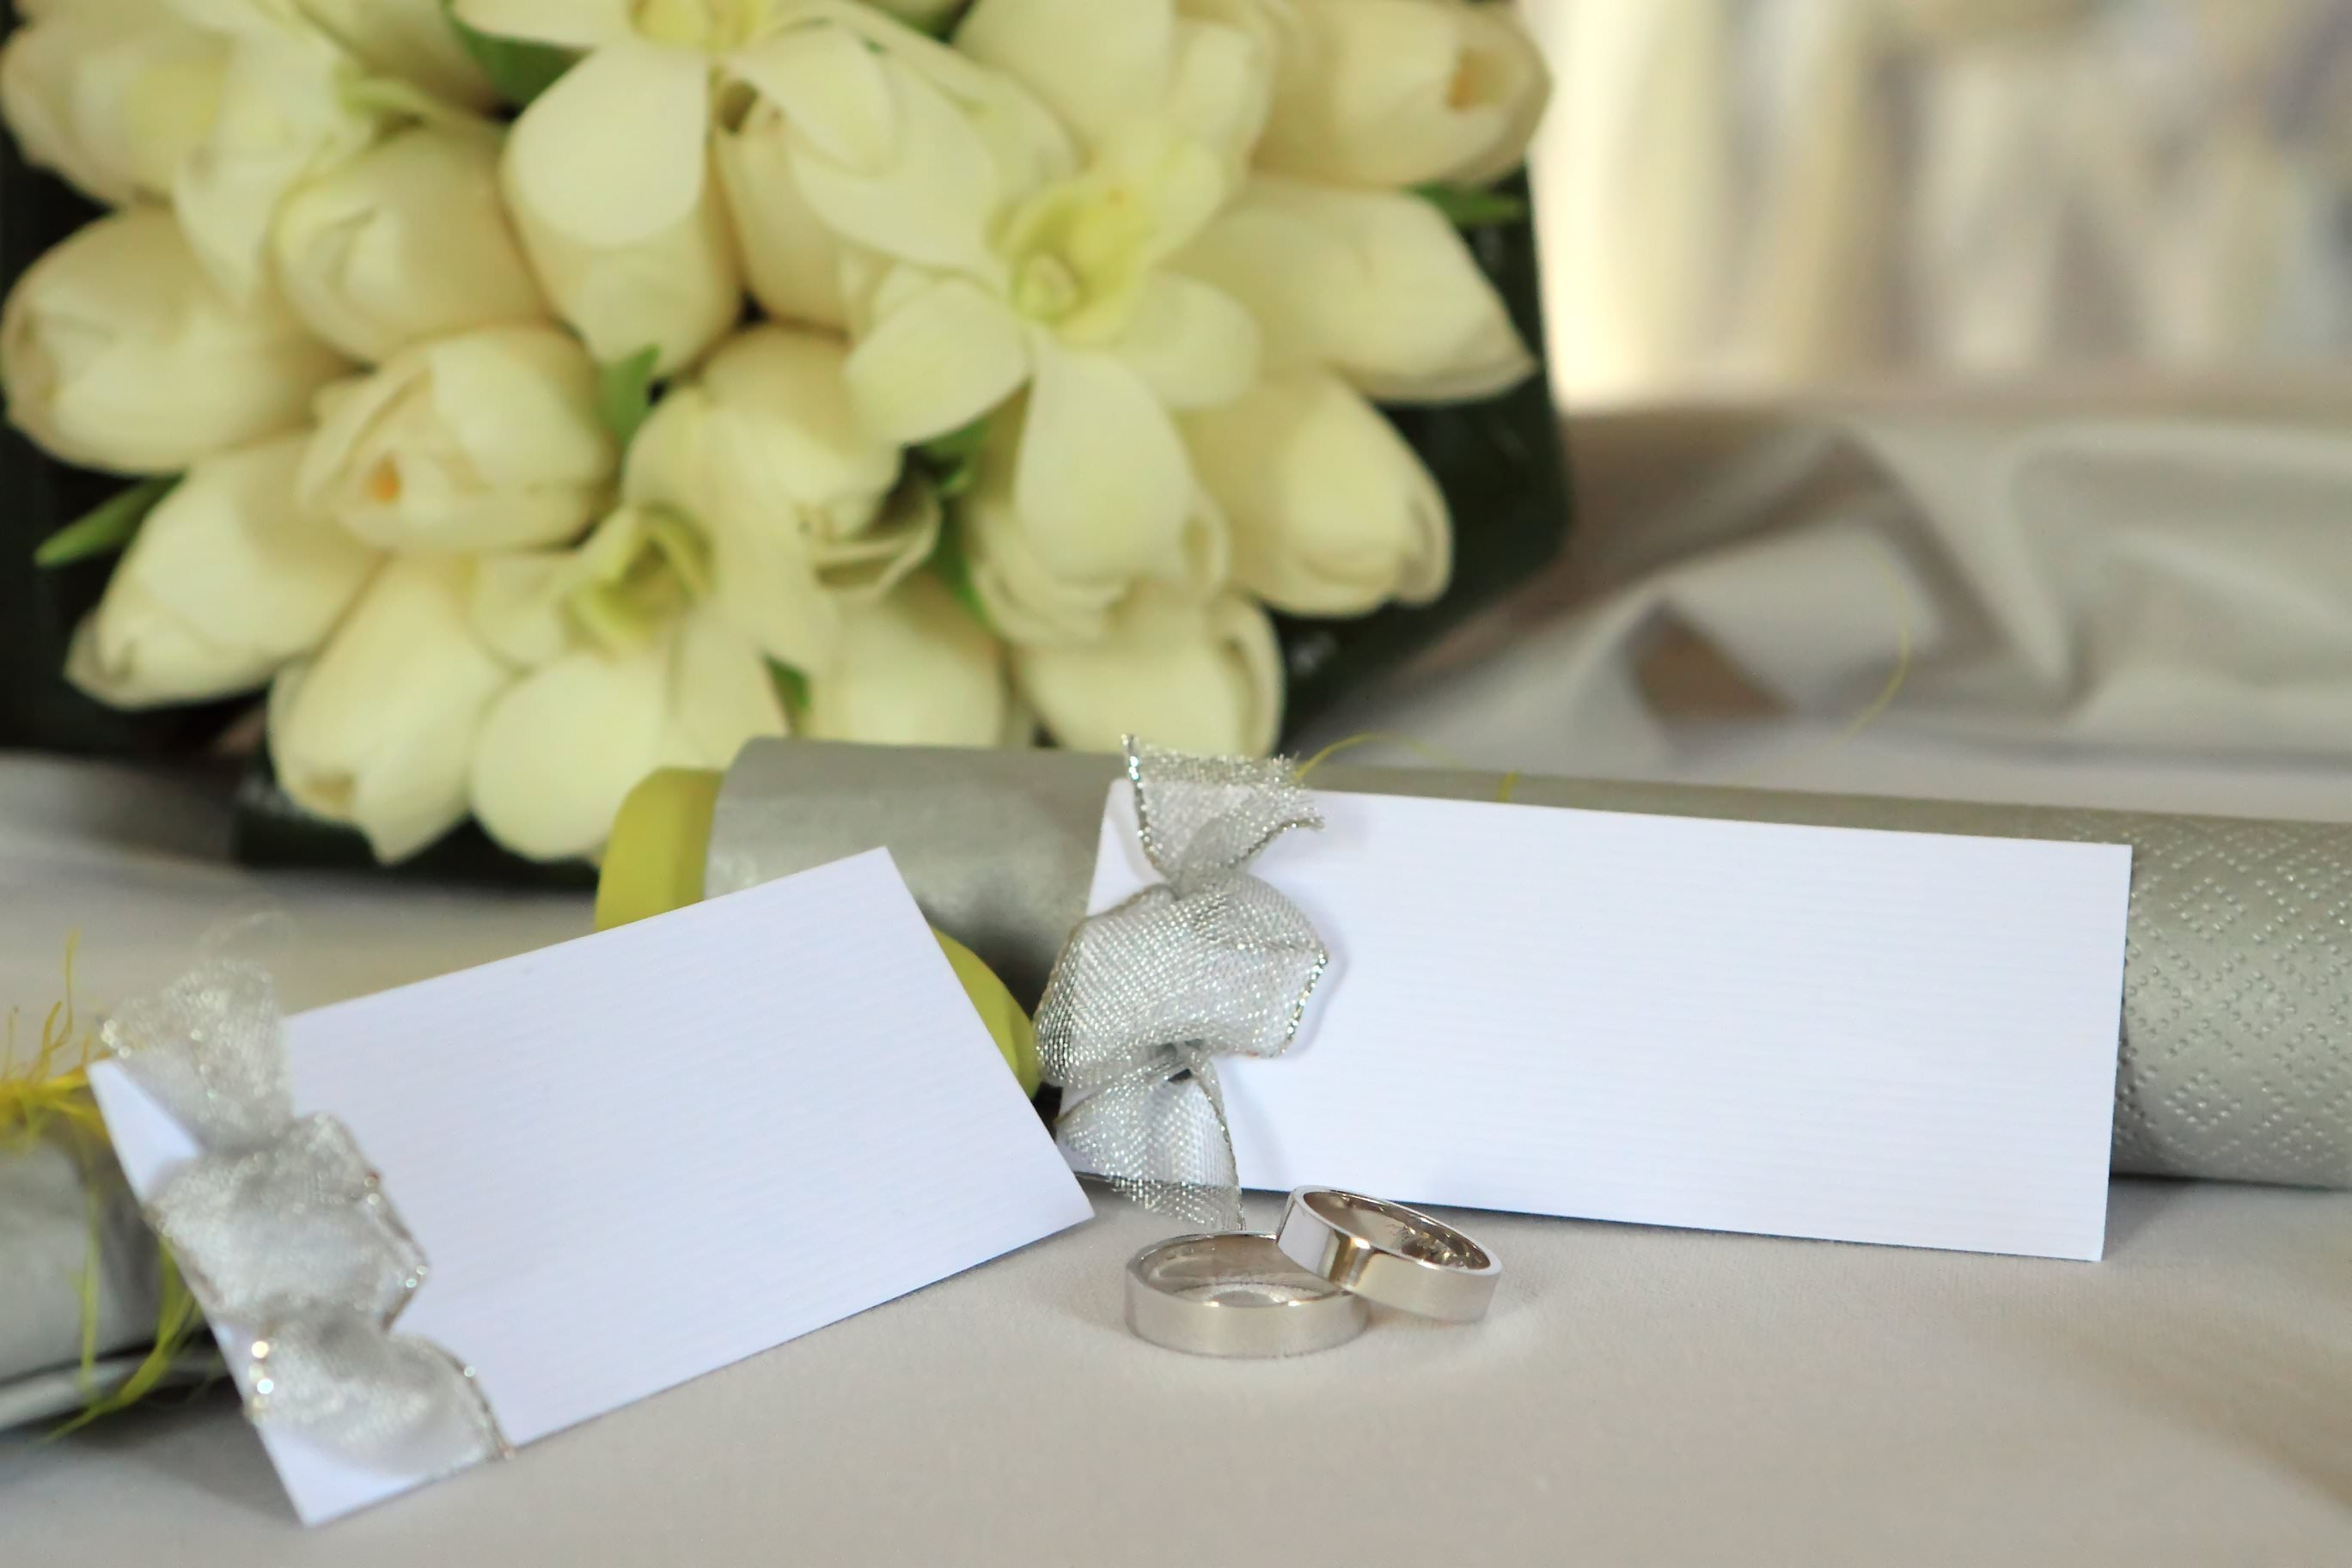 Matrimonio In Rissa : Calci e pugni matrimonio finisce in rissa a caltanissetta